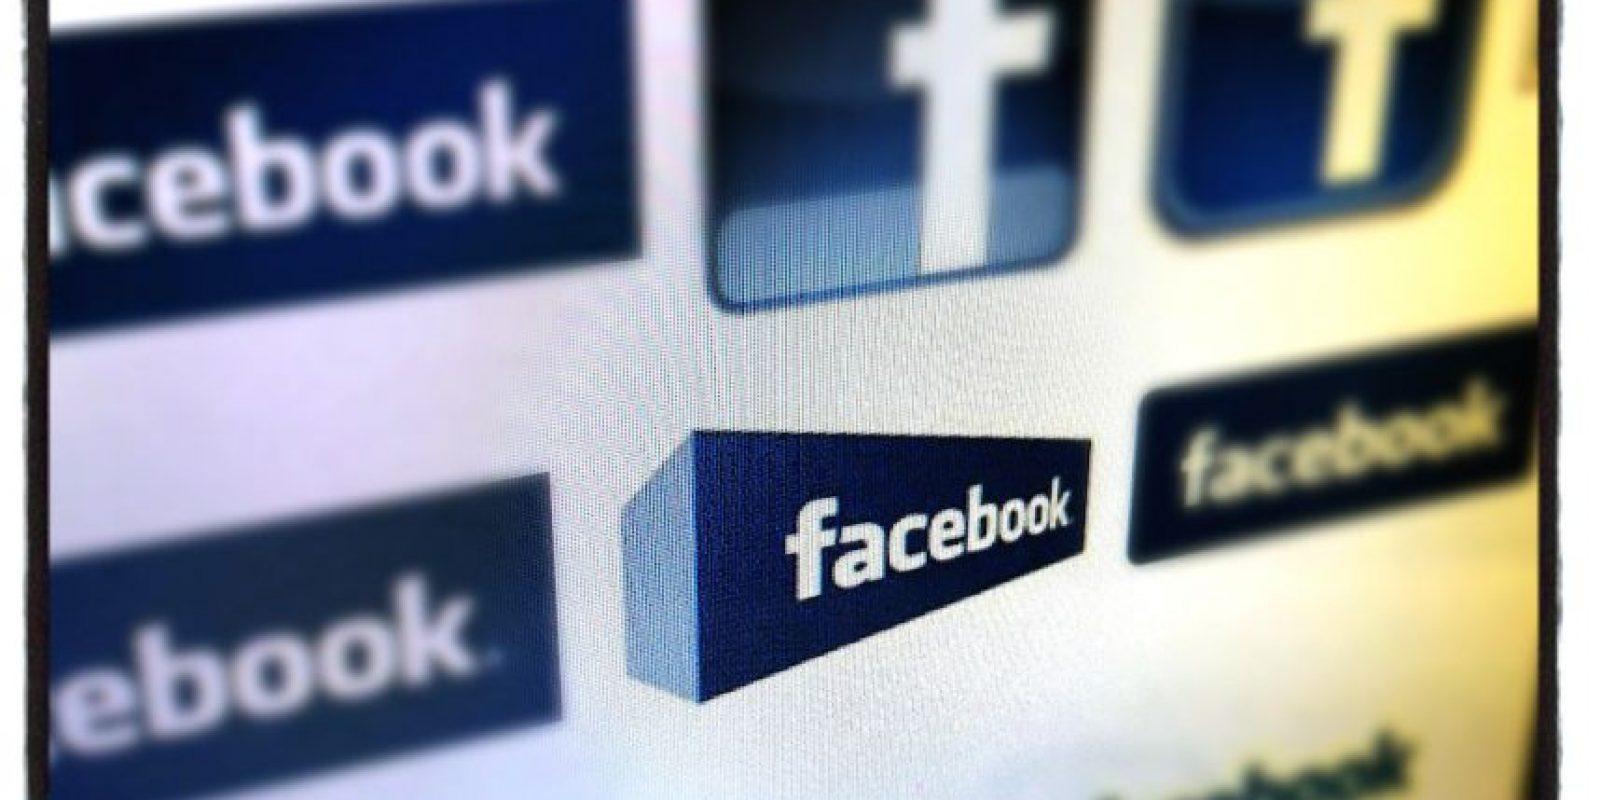 6) Informen inmediatamente de cualquier mensaje sospechoso a su banco o a su plataforma de red social, especialmente si hubo solicitación de datos personales o financieros. Foto:Getty Images